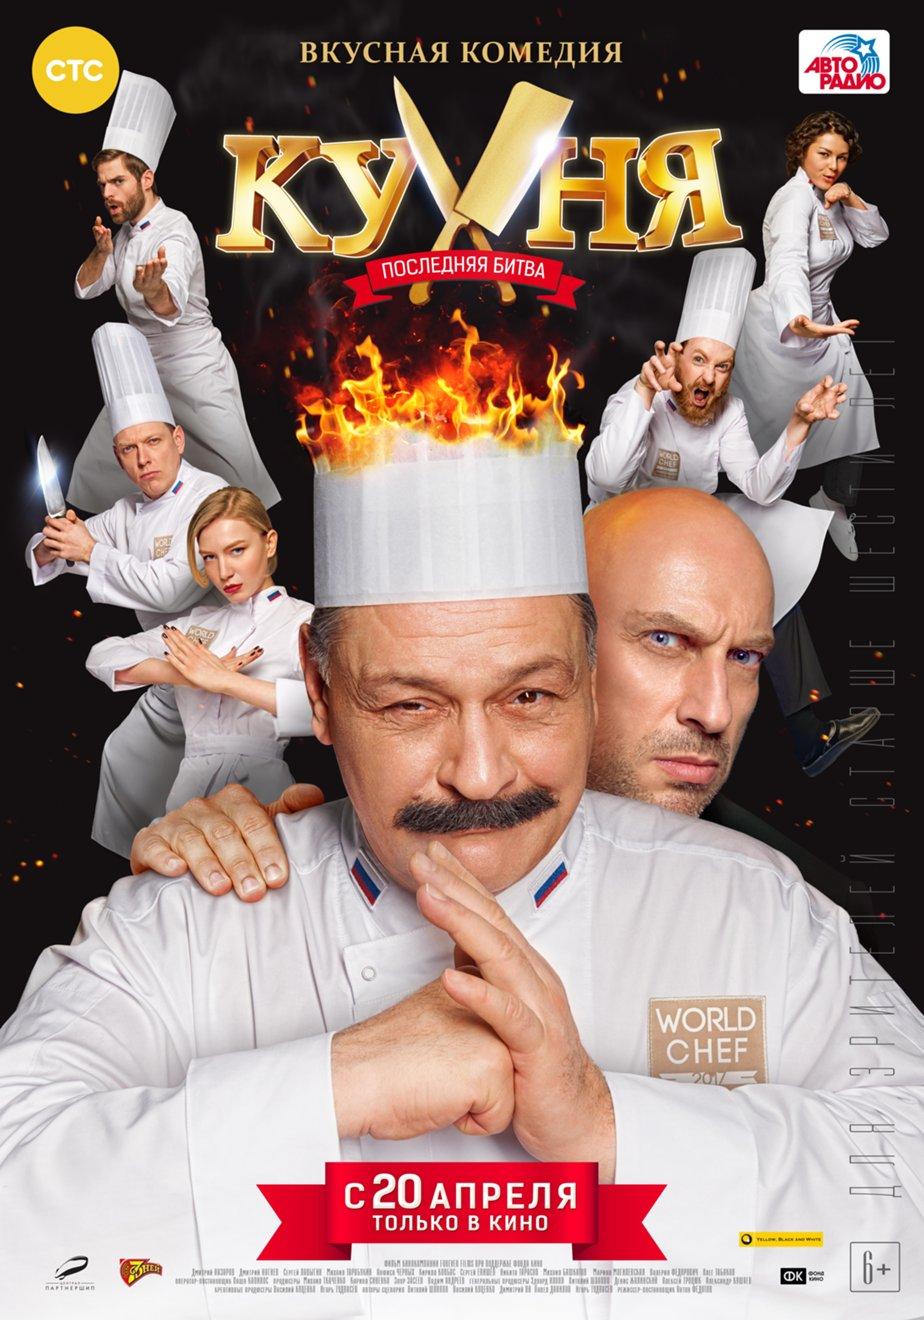 Сериал Кухня смотреть онлайн новый 6 сезон бесплатно